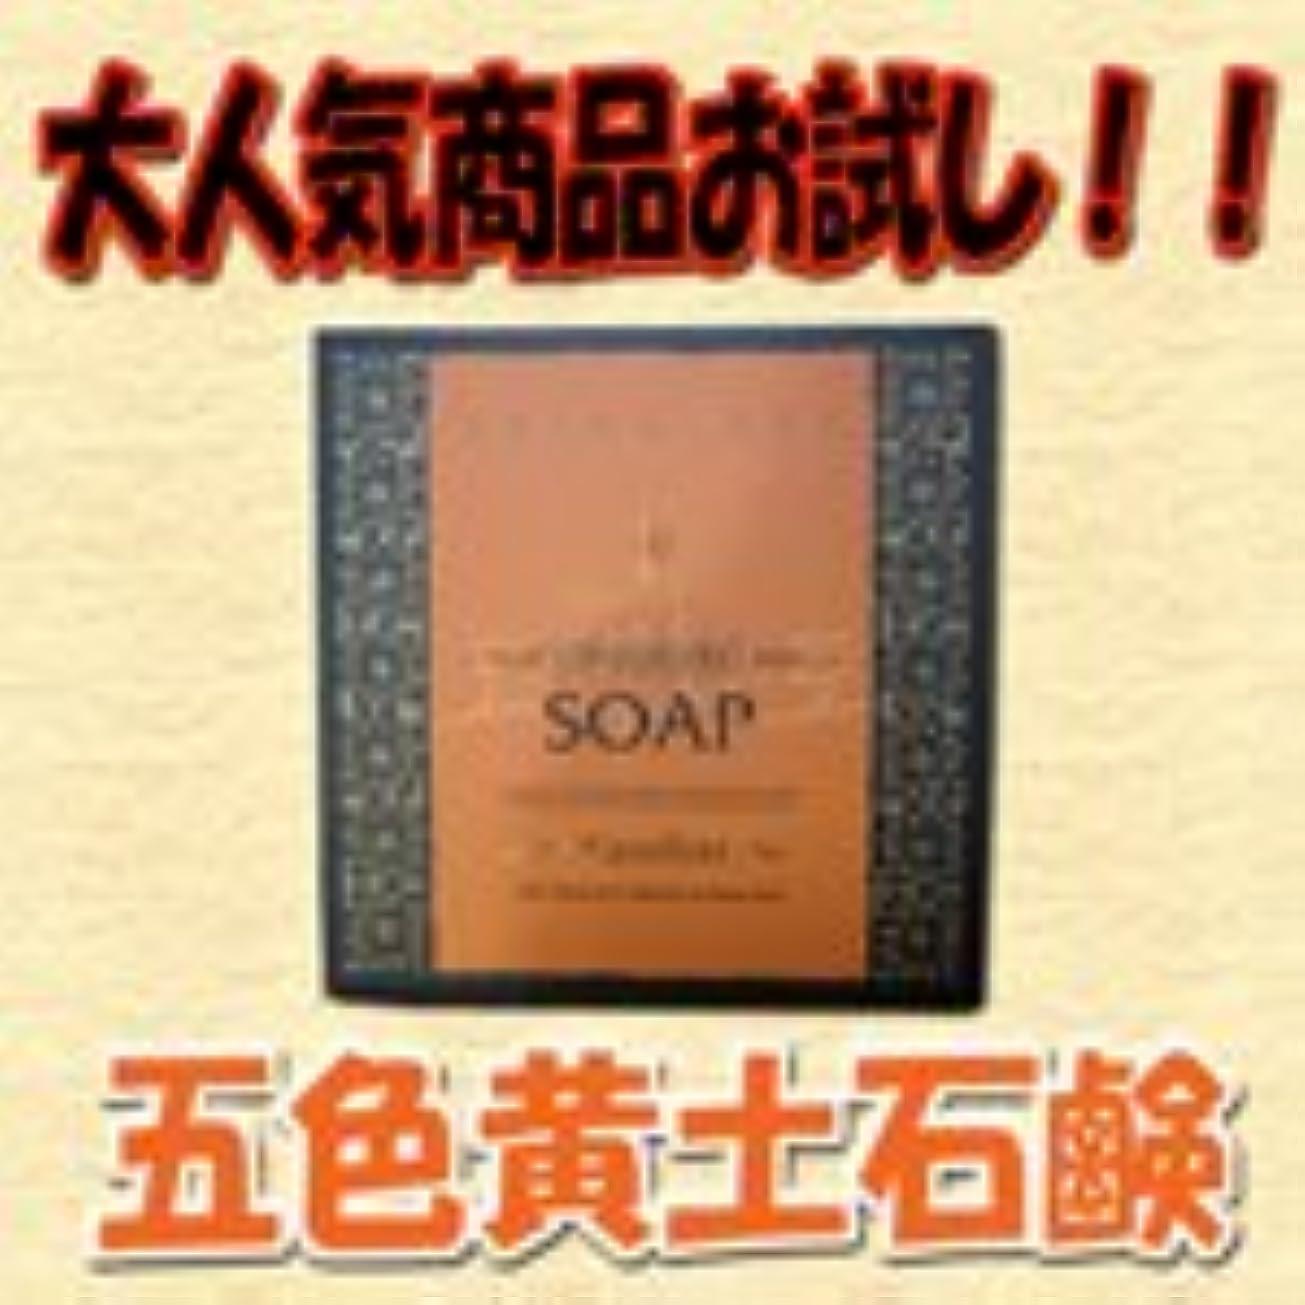 語存在する一月五色黄土石鹸 トライアルセット 20g 1個入り 【天然ミネラル】